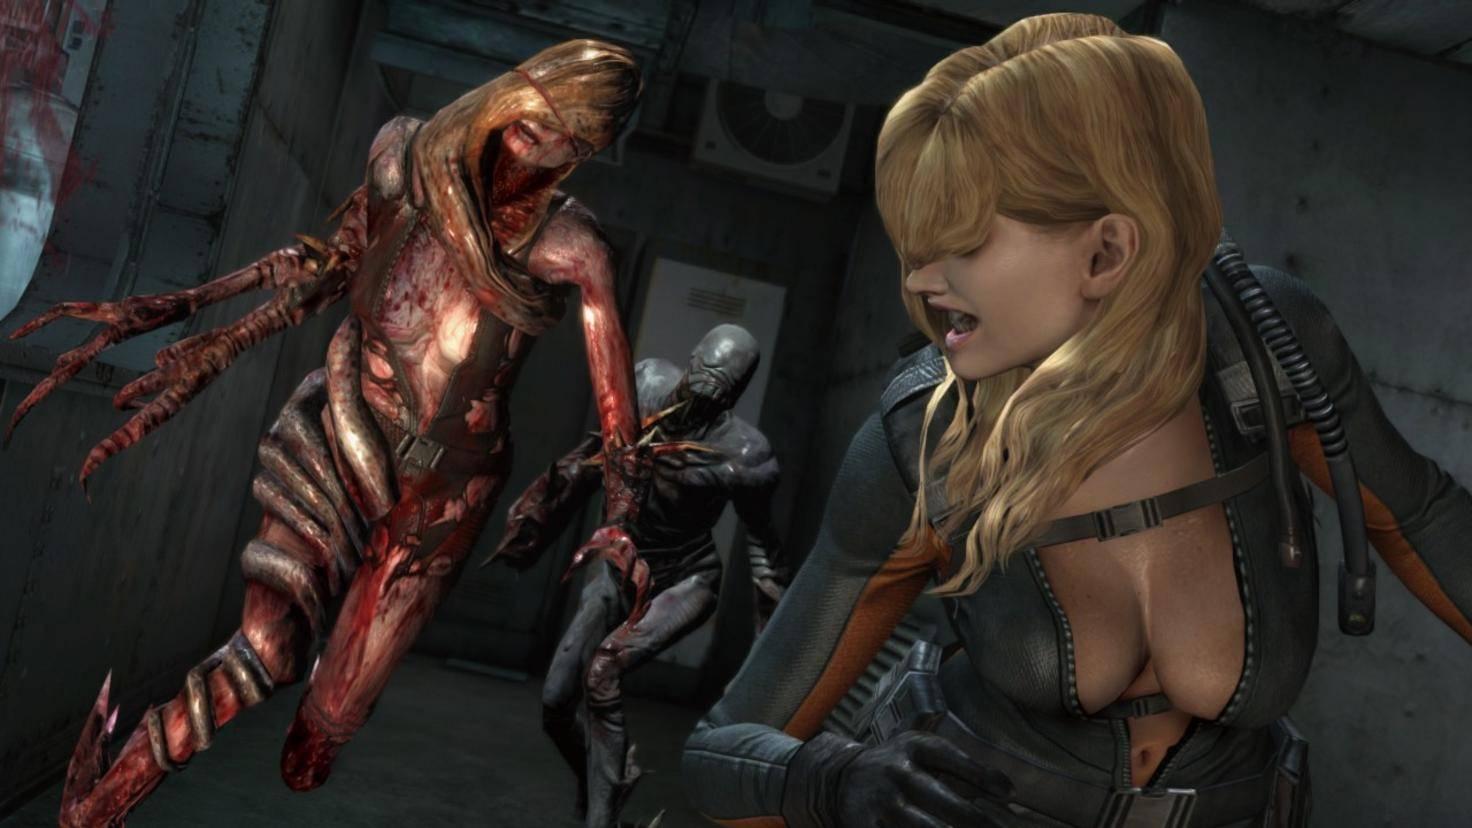 resident-evil-revelations-wii-u-screenshot